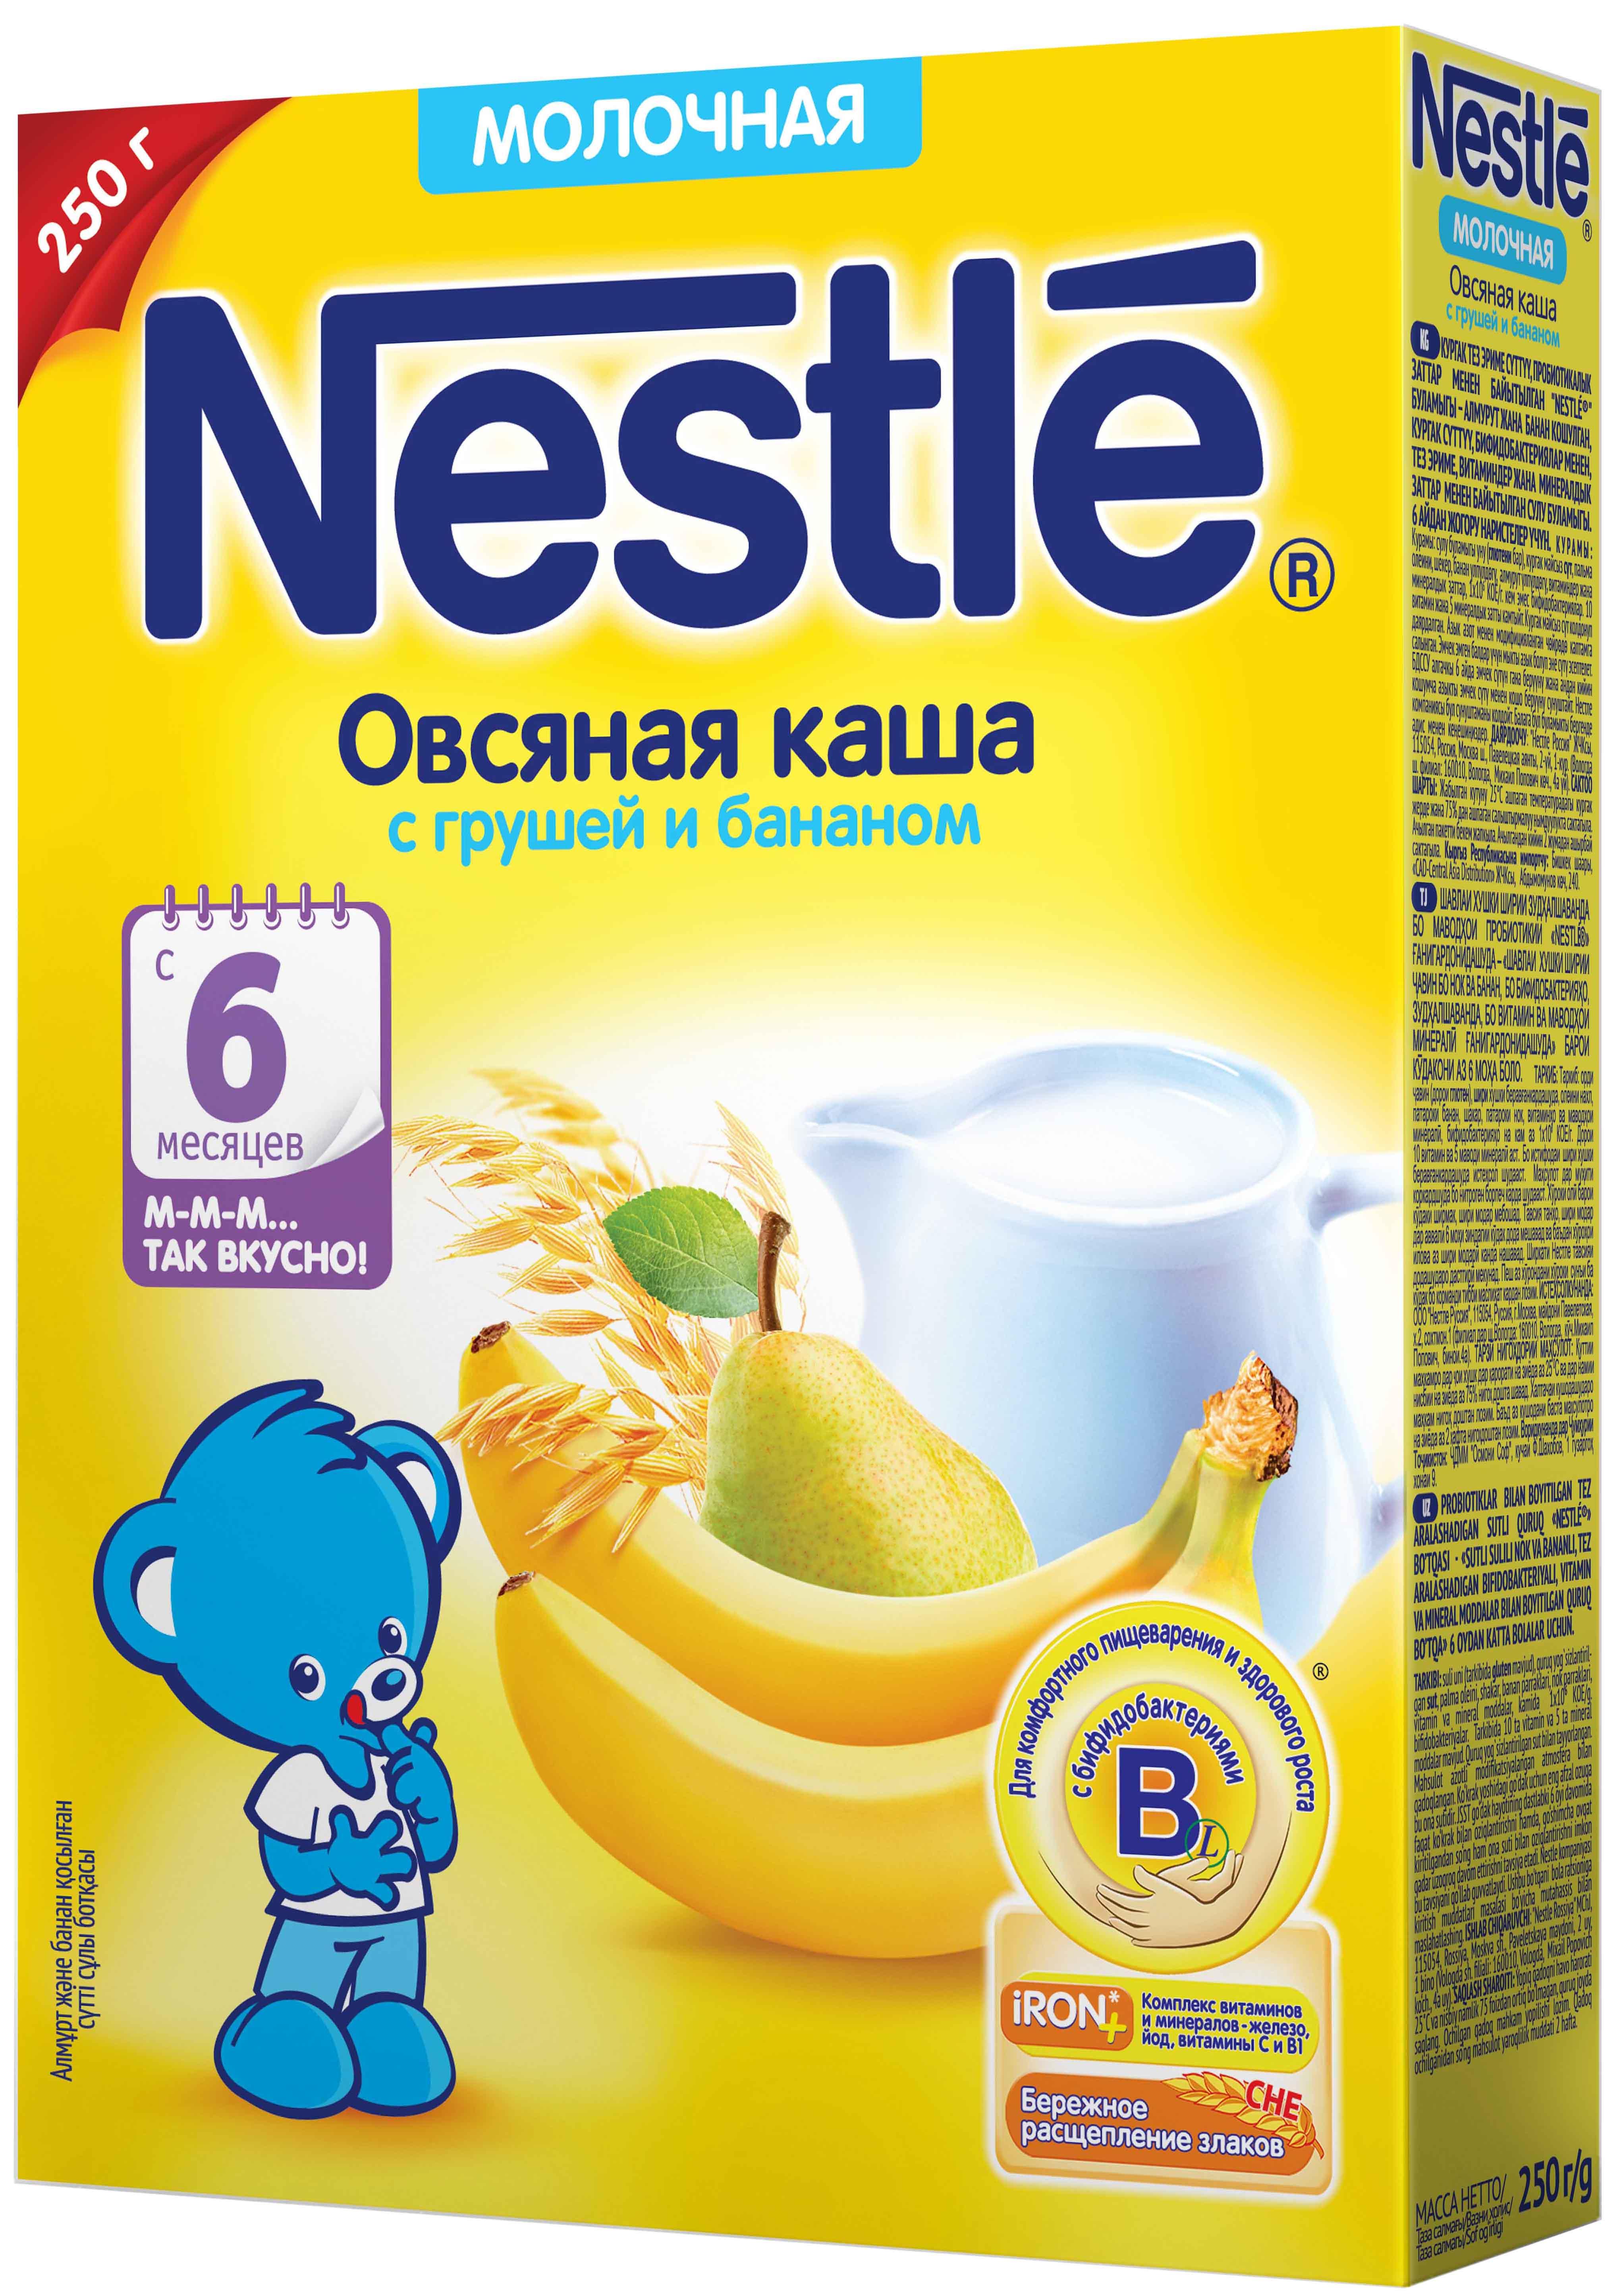 Каши Nestle Каша Nestle молочная овсяная с грушей и бананом с 6 мес. 250 г каши nestle каша сухая молочная пшеничная с тыквой с 5 мес 220 г